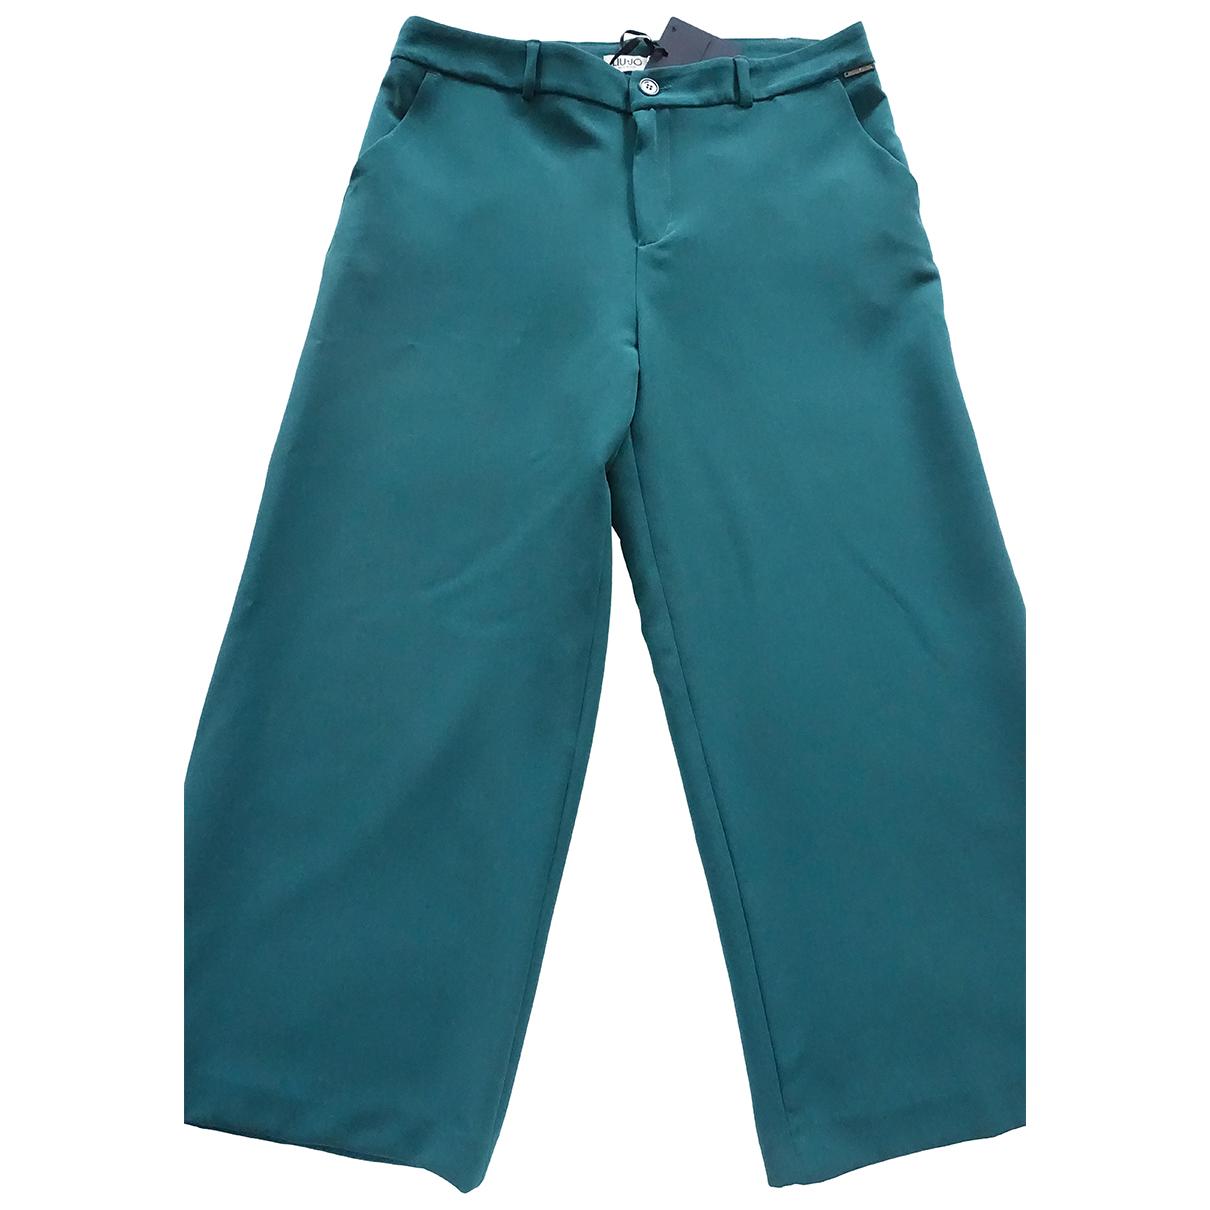 Liu.jo \N Turquoise Trousers for Women 42 IT